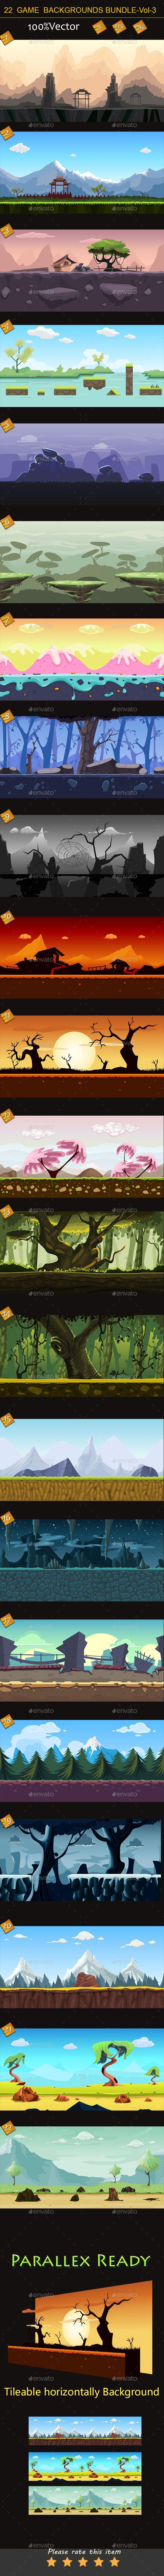 22 Game Backgrounds Bundle Volume 3 - Backgrounds Game Assets